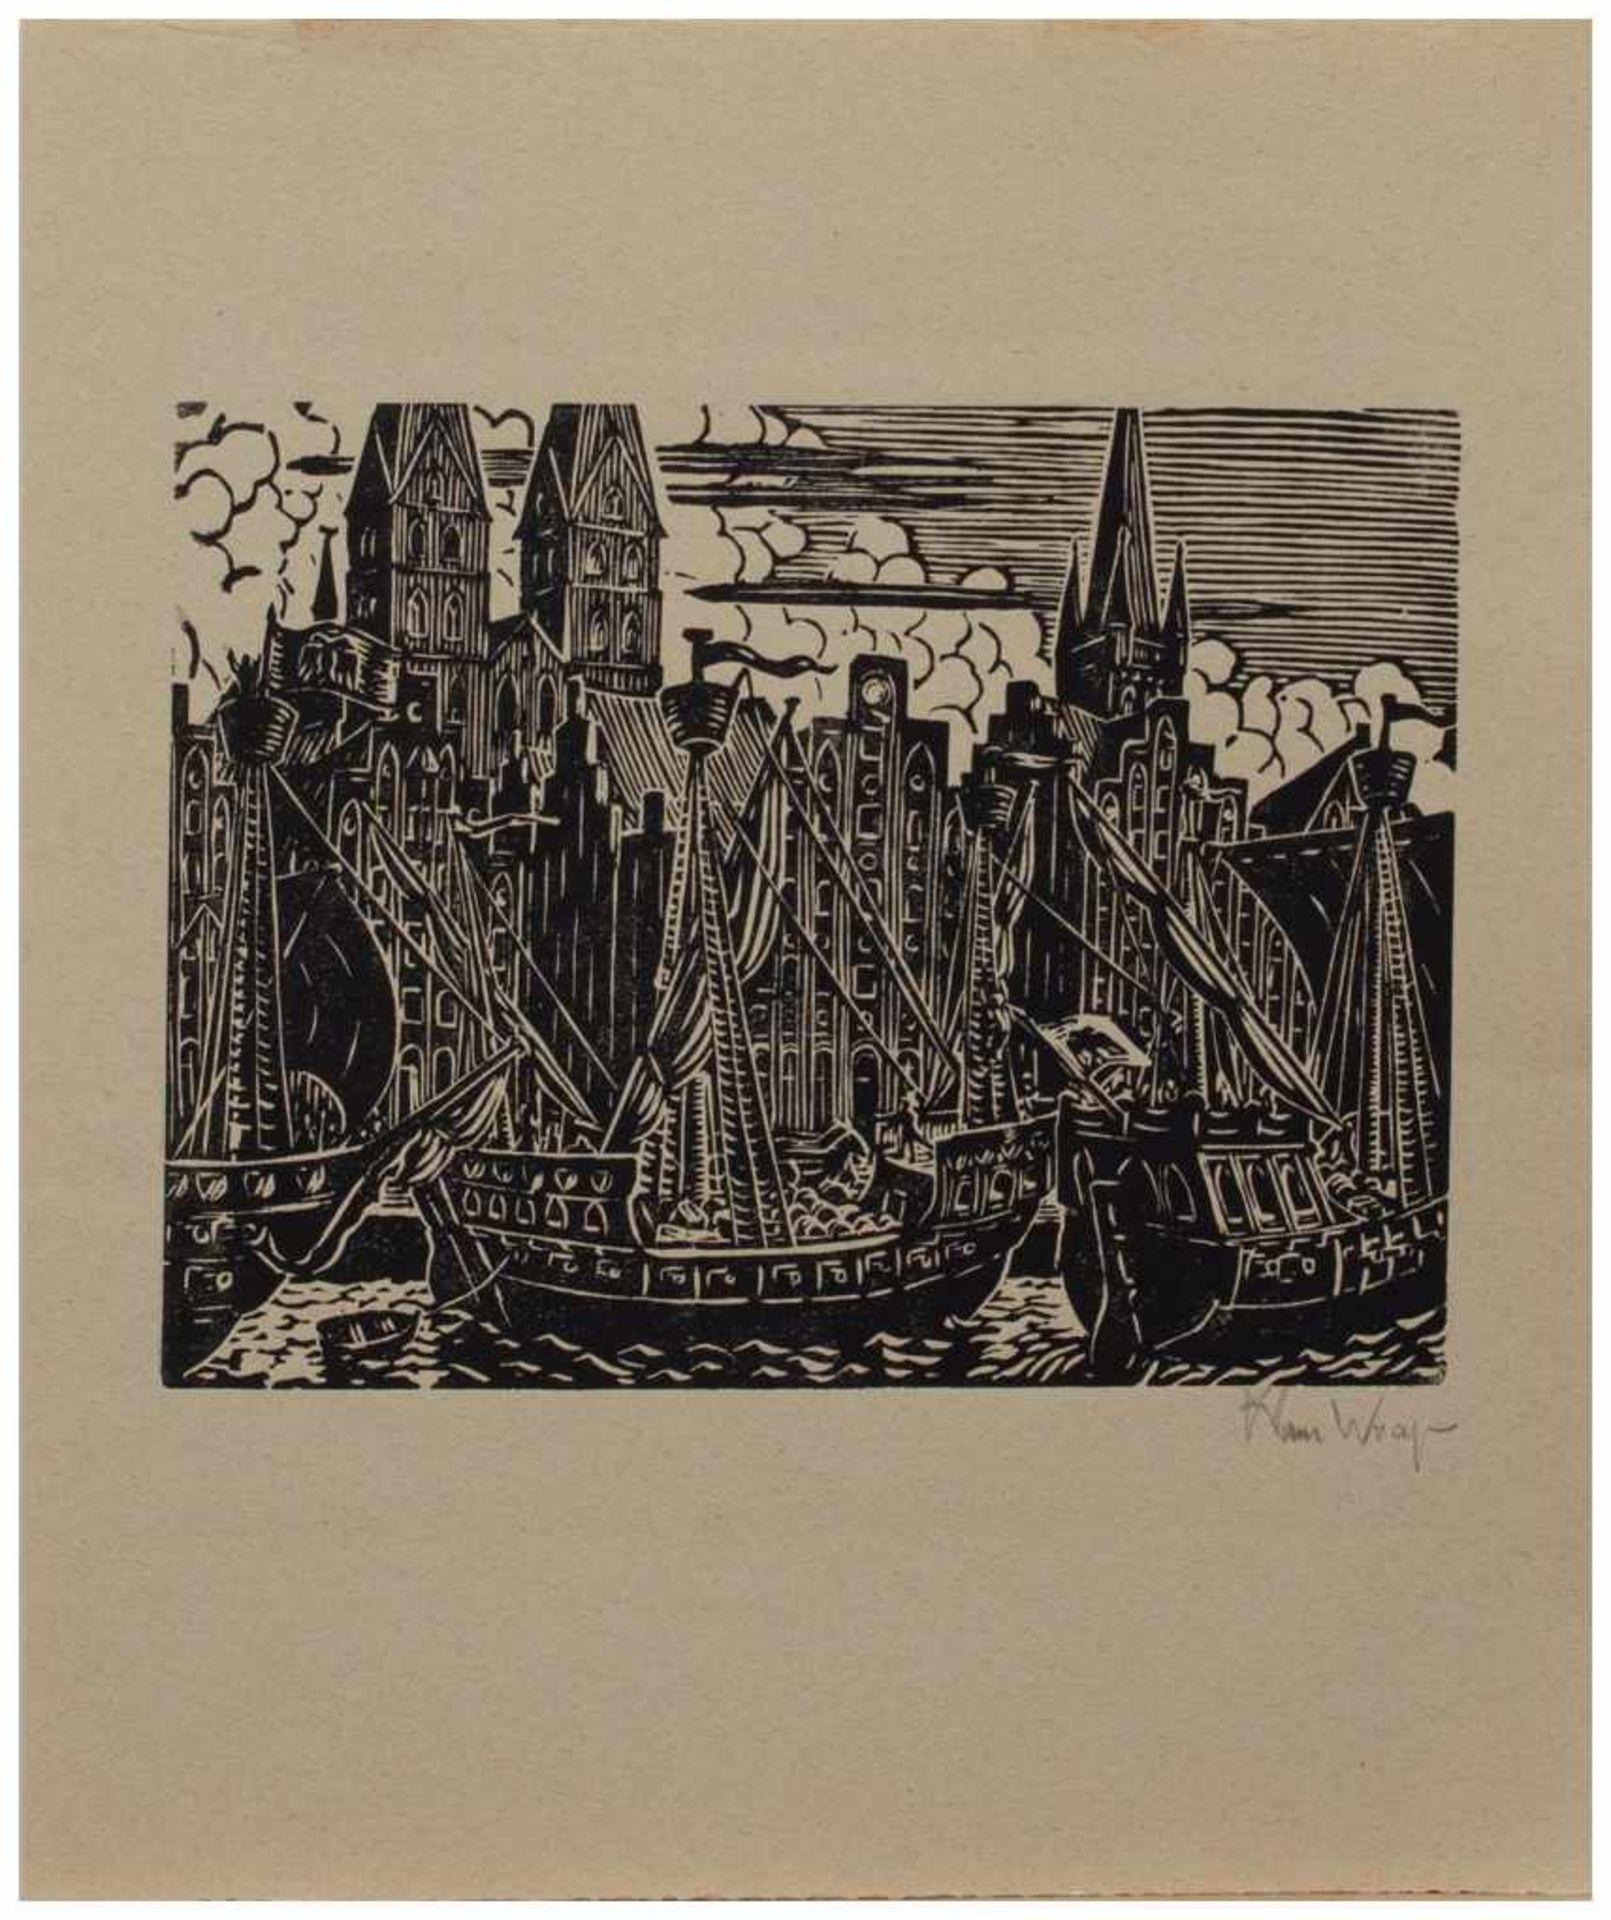 Los 11 - Klaus Wrage (Malente-Gremsmühlen 1891 - 1984 Eutin-Fissau, deutscher Maler u. Grafiker, entstammt